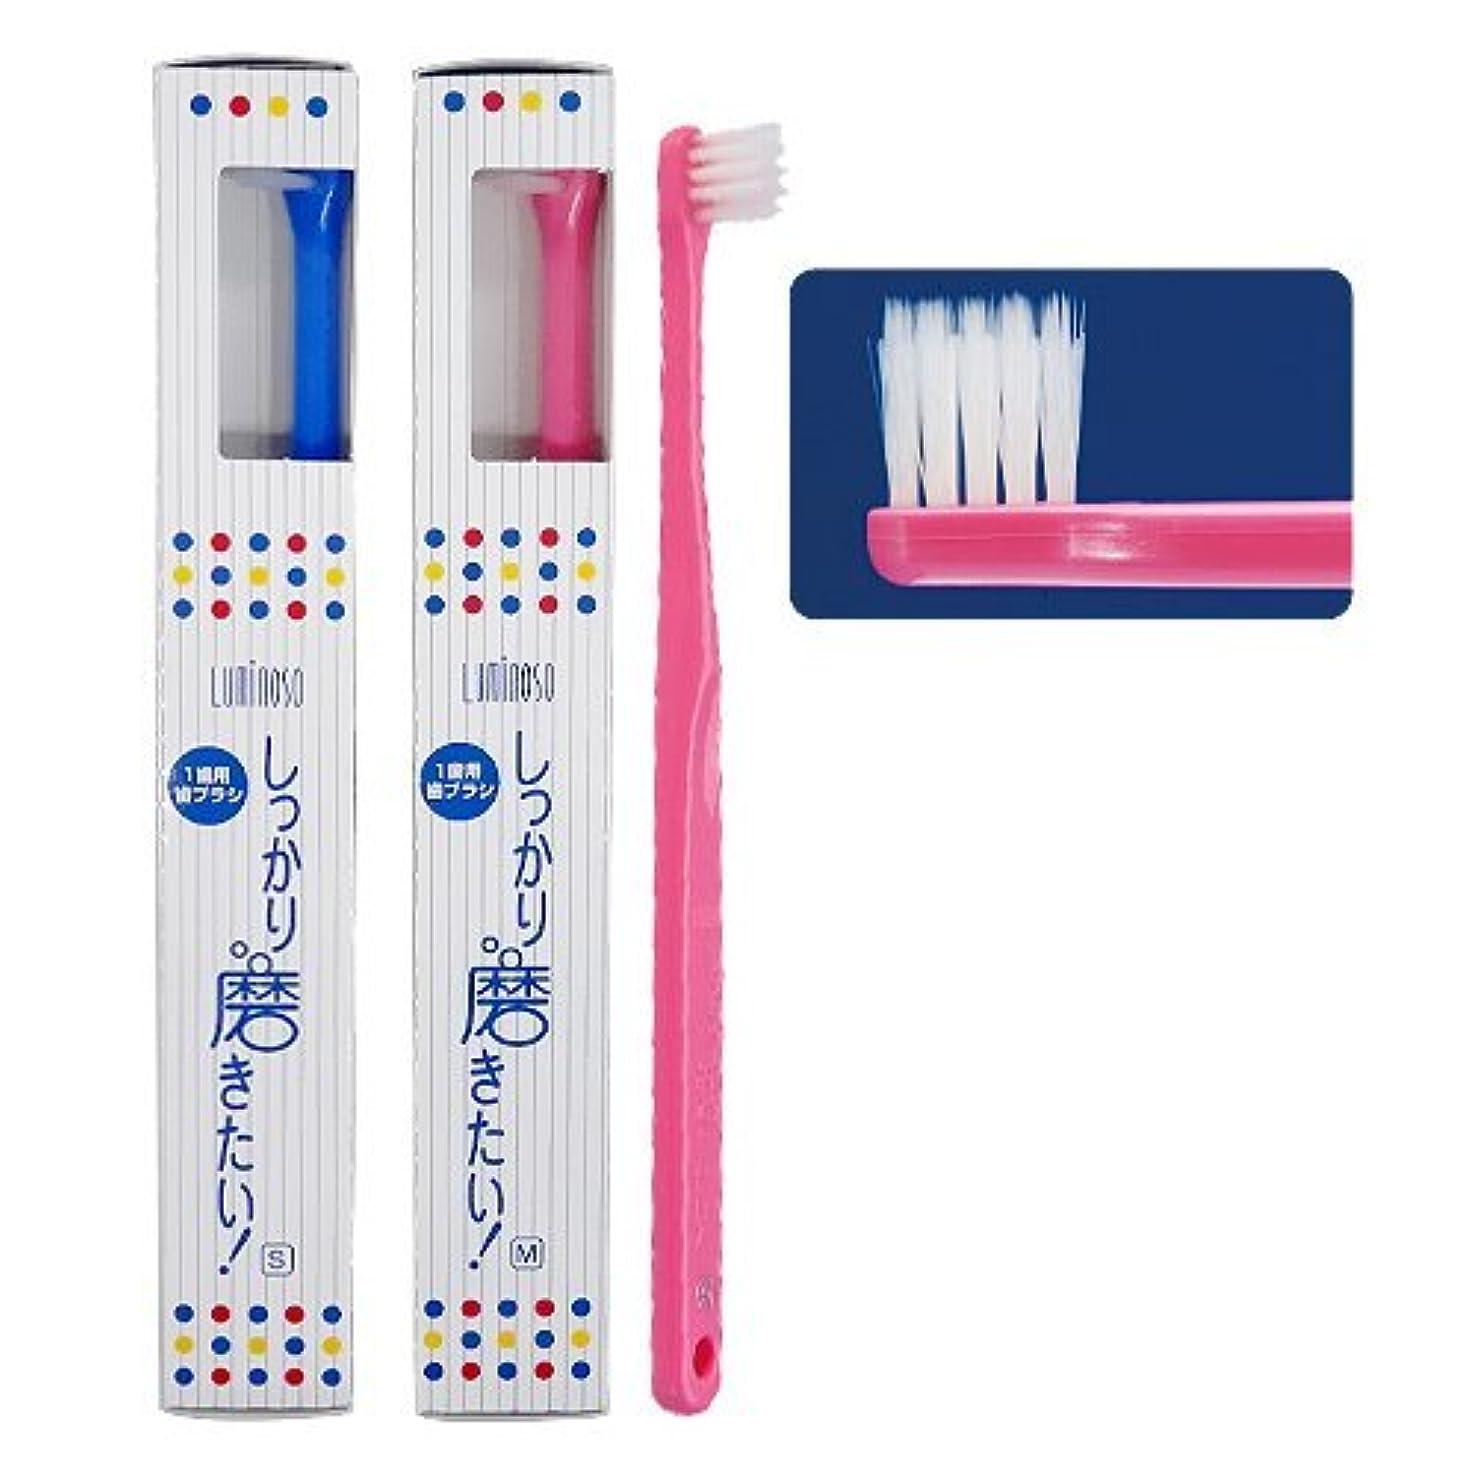 好み反逆鉄道ルミノソ 1歯用歯ブラシ「しっかり磨きたい!」スタンダード ミディアム (カラー指定不可) 3本